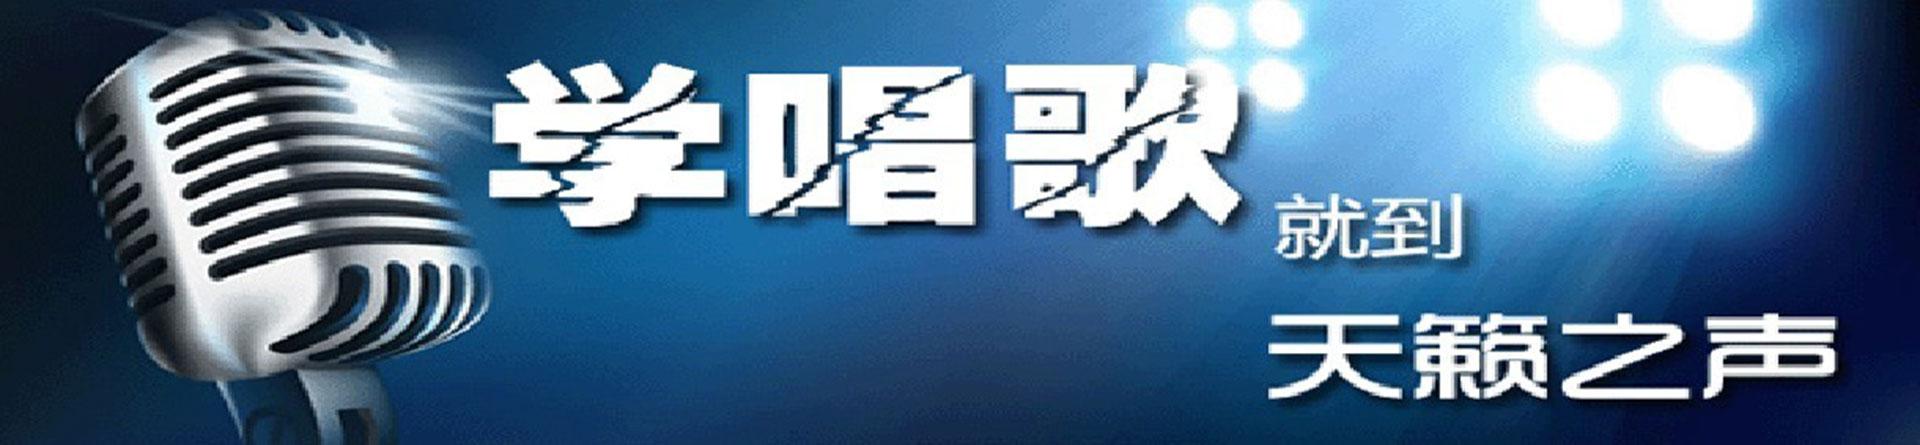 郑州天籁之声艺术培训